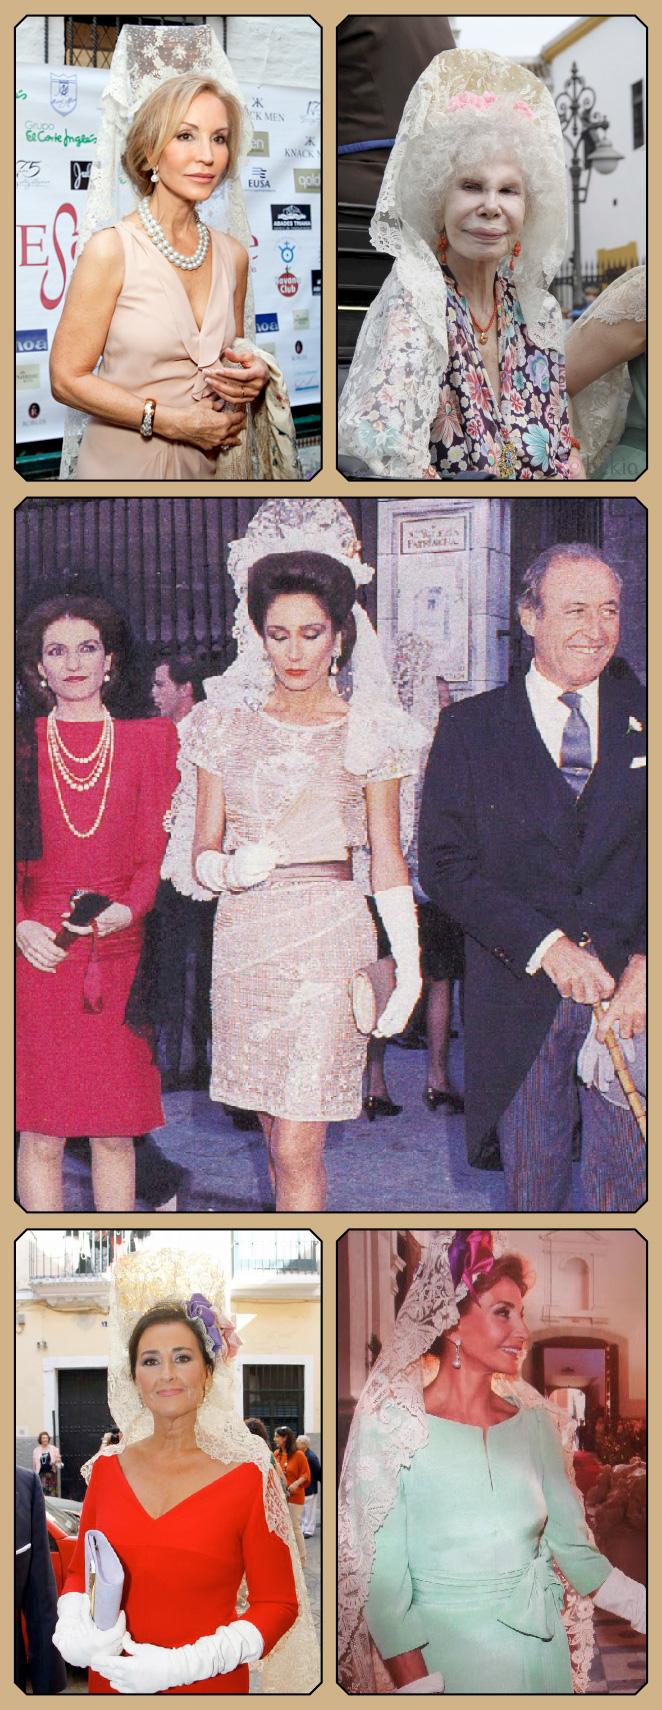 Mantillas de la tienda de antigüedades de los Bastilippo en famoses como Carmen Lomana y la Duquesa de Alba